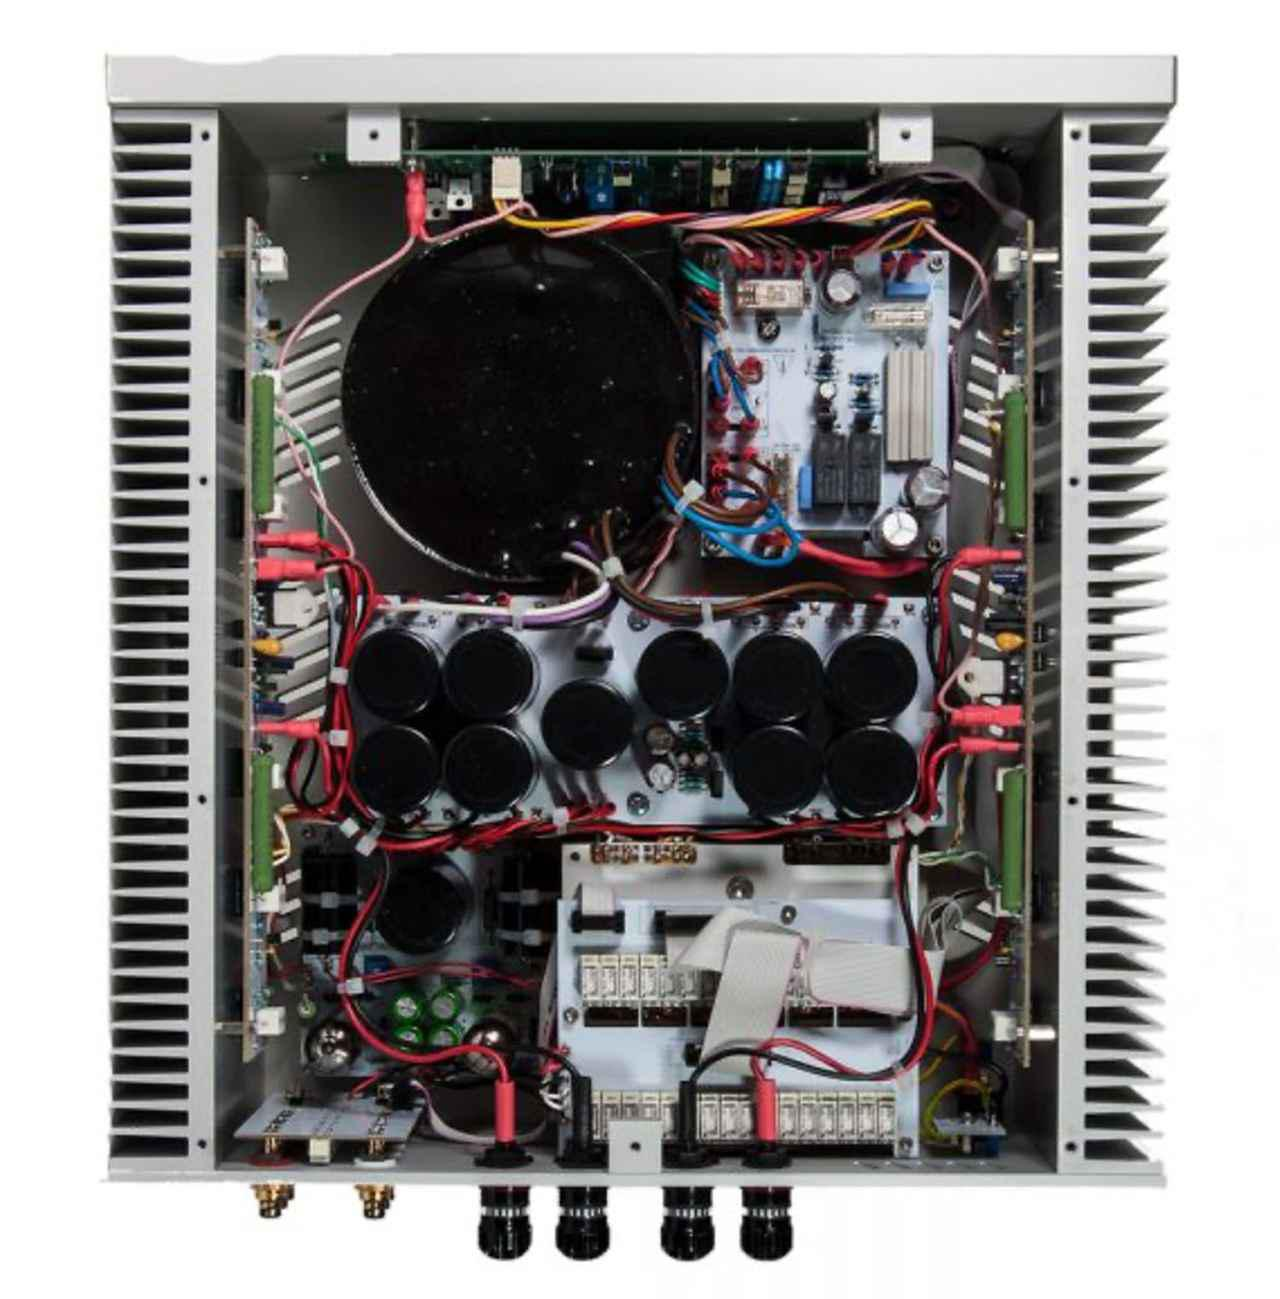 画像1: ステラ、Ypsilonの高級インテグレーテッドアンプ「PHAETHON」の受注を9月1日からスタート。プリ部に真空管、パワー部にMOS-FETを使用したハイブリッド方式